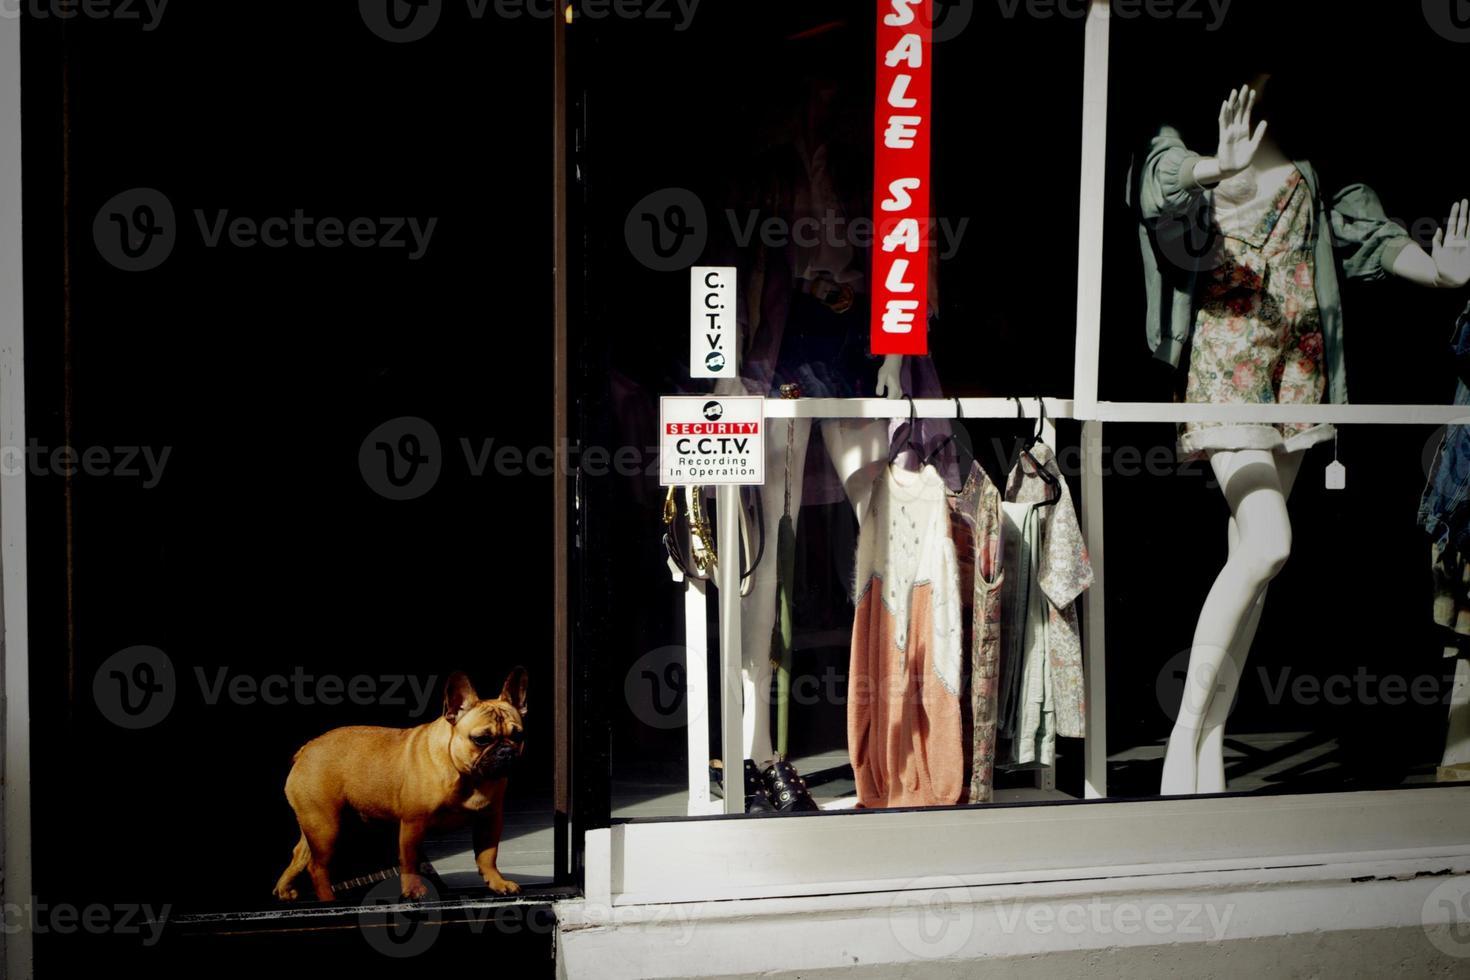 hund vid butiksingången foto